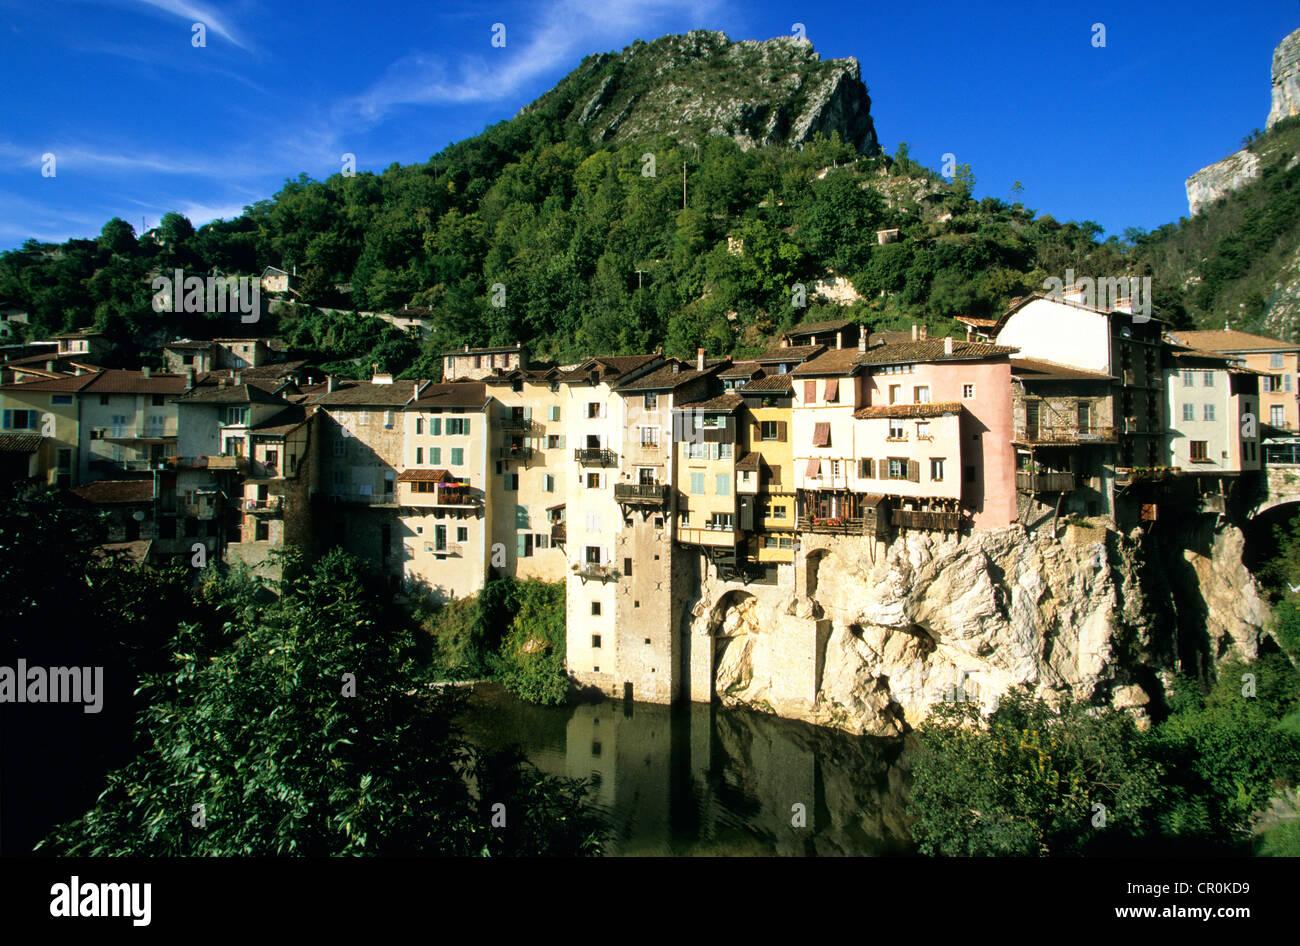 France isere pont en royans near the parc naturel regional du stock photo 48573093 alamy - Office du tourisme pont en royans ...